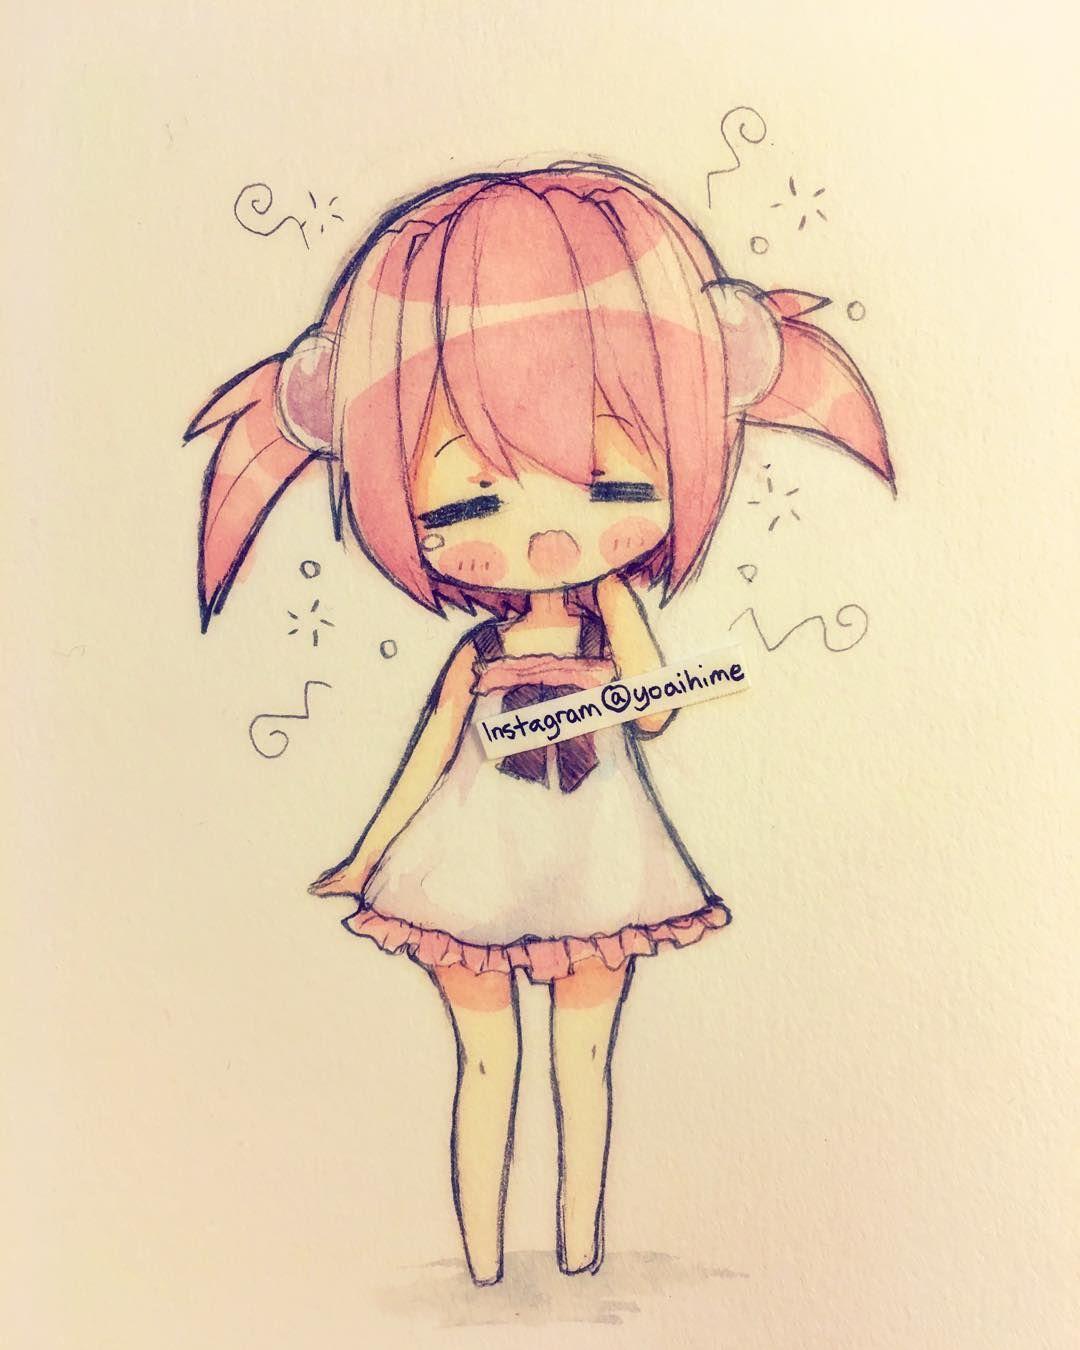 Anime chibi girl | good morning | Anime Art | Pinterest ...